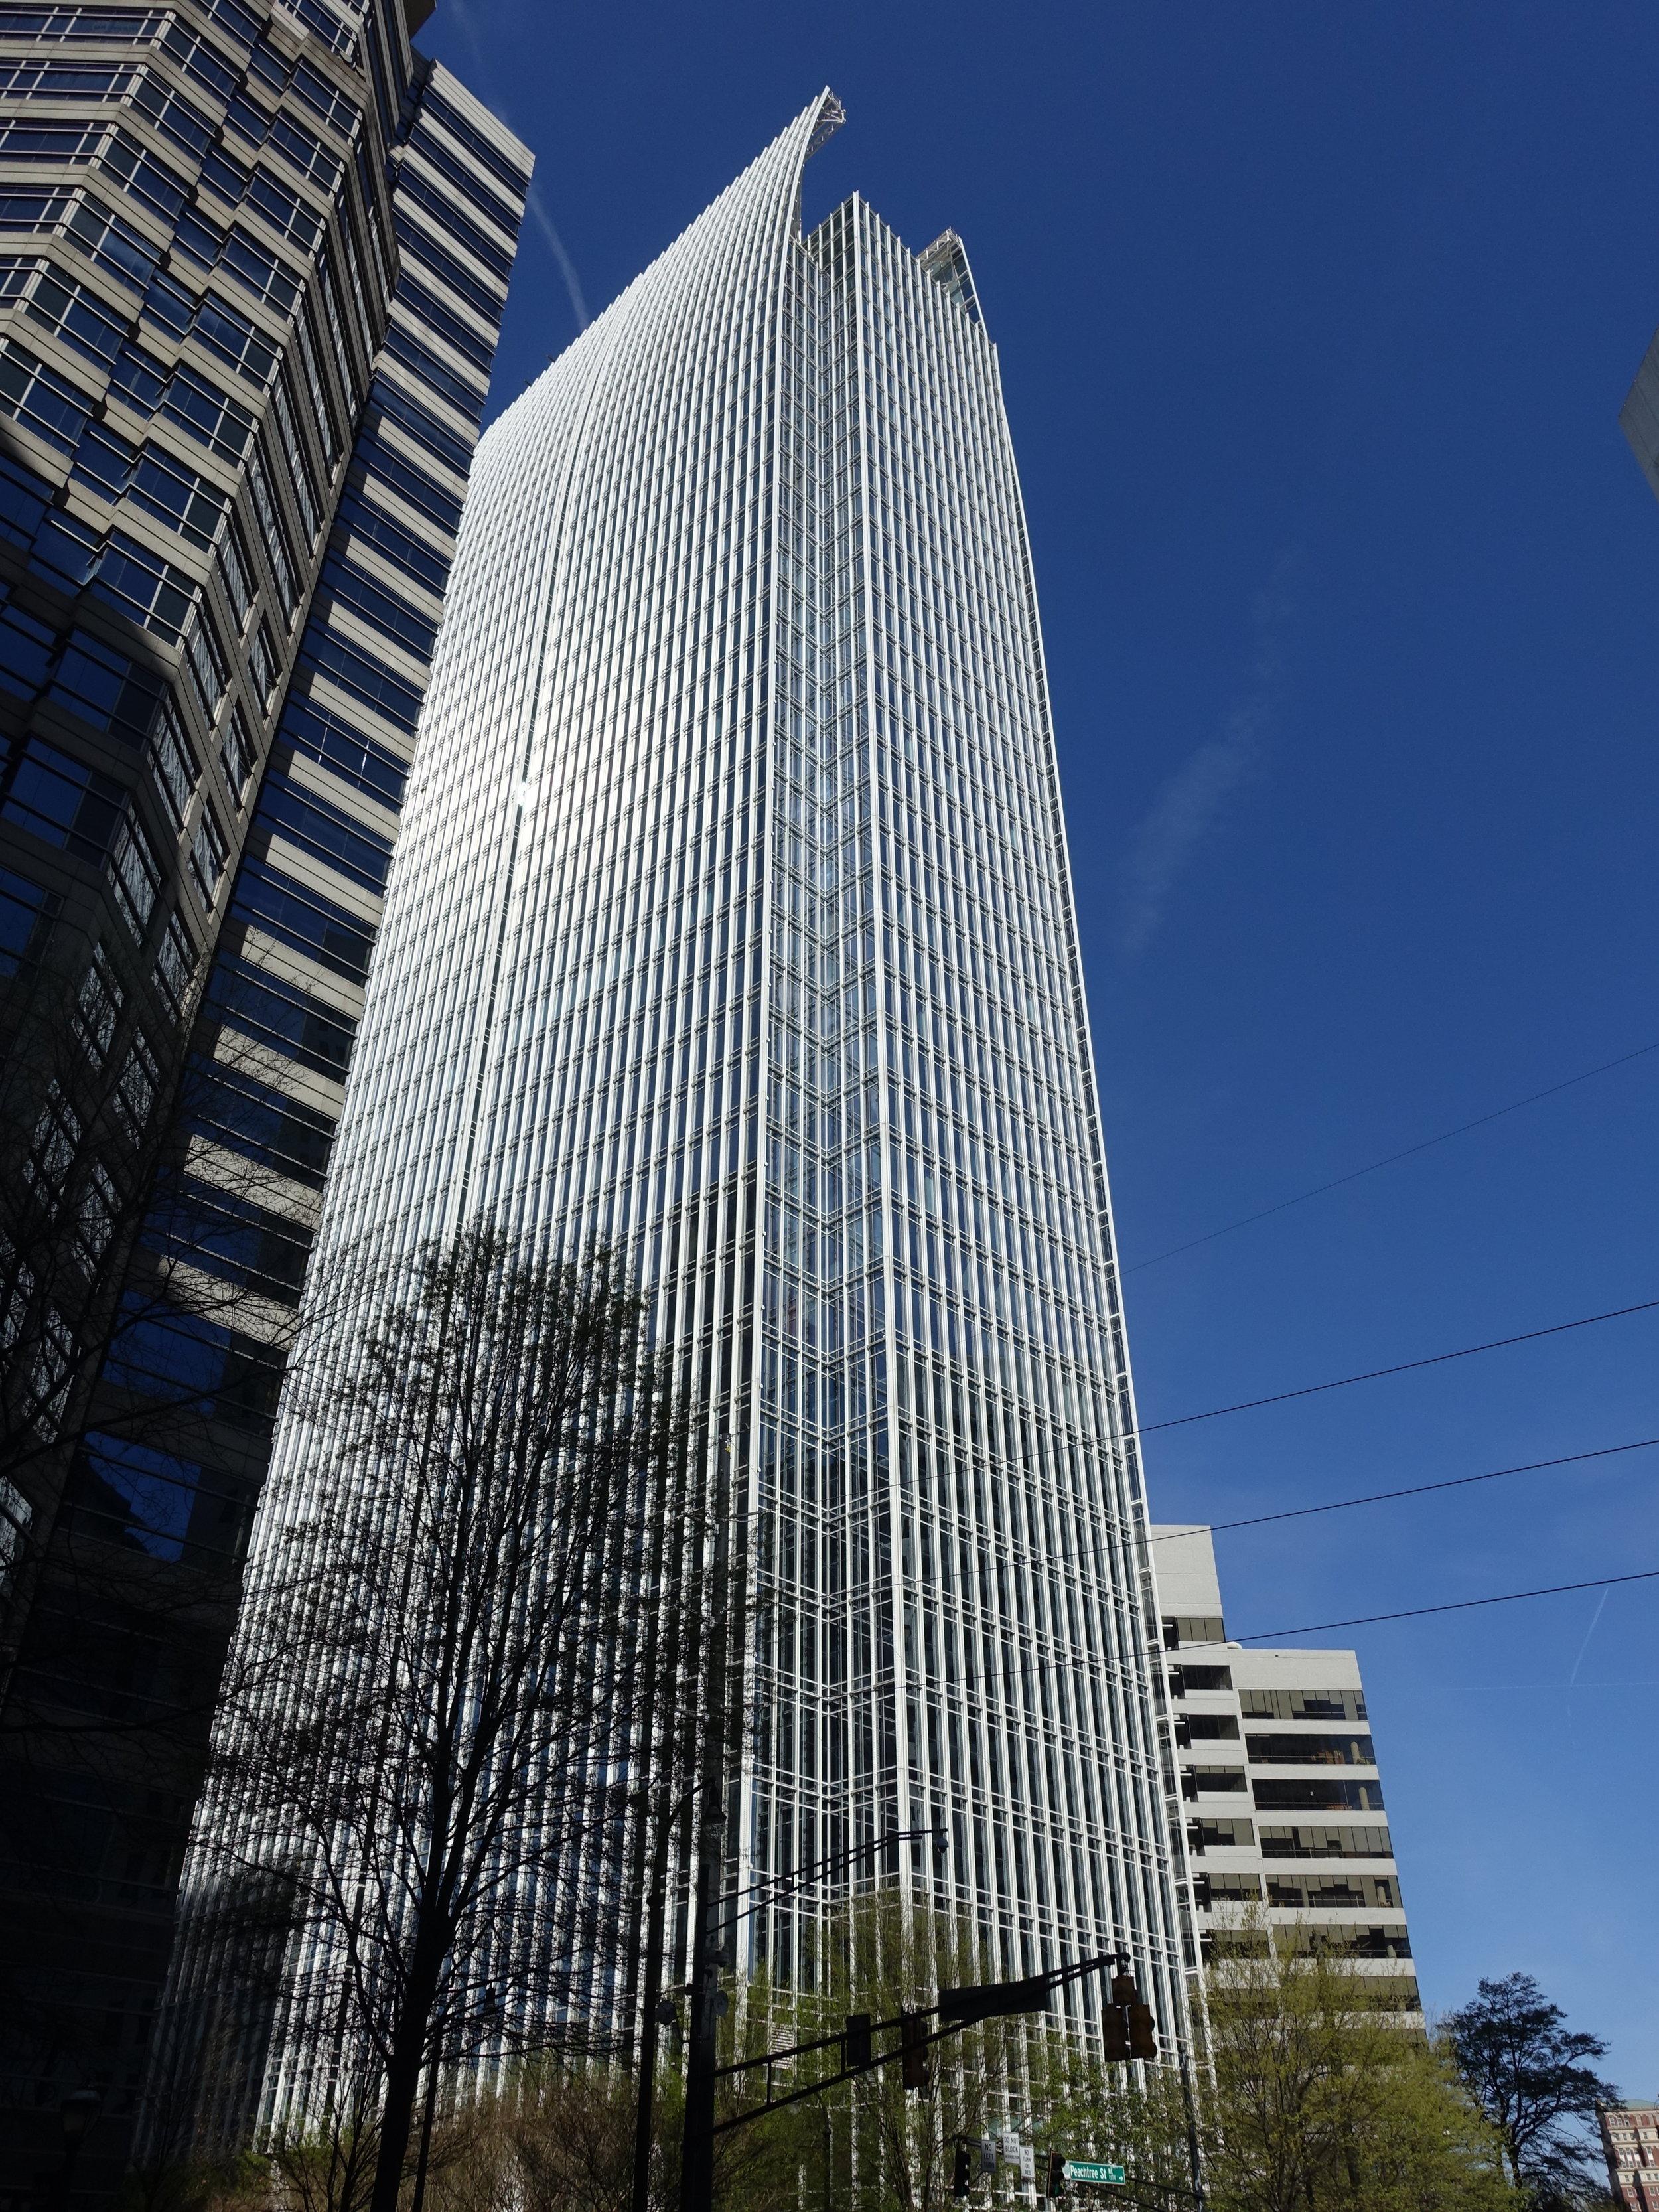 Atlanta's Symphony Tower.